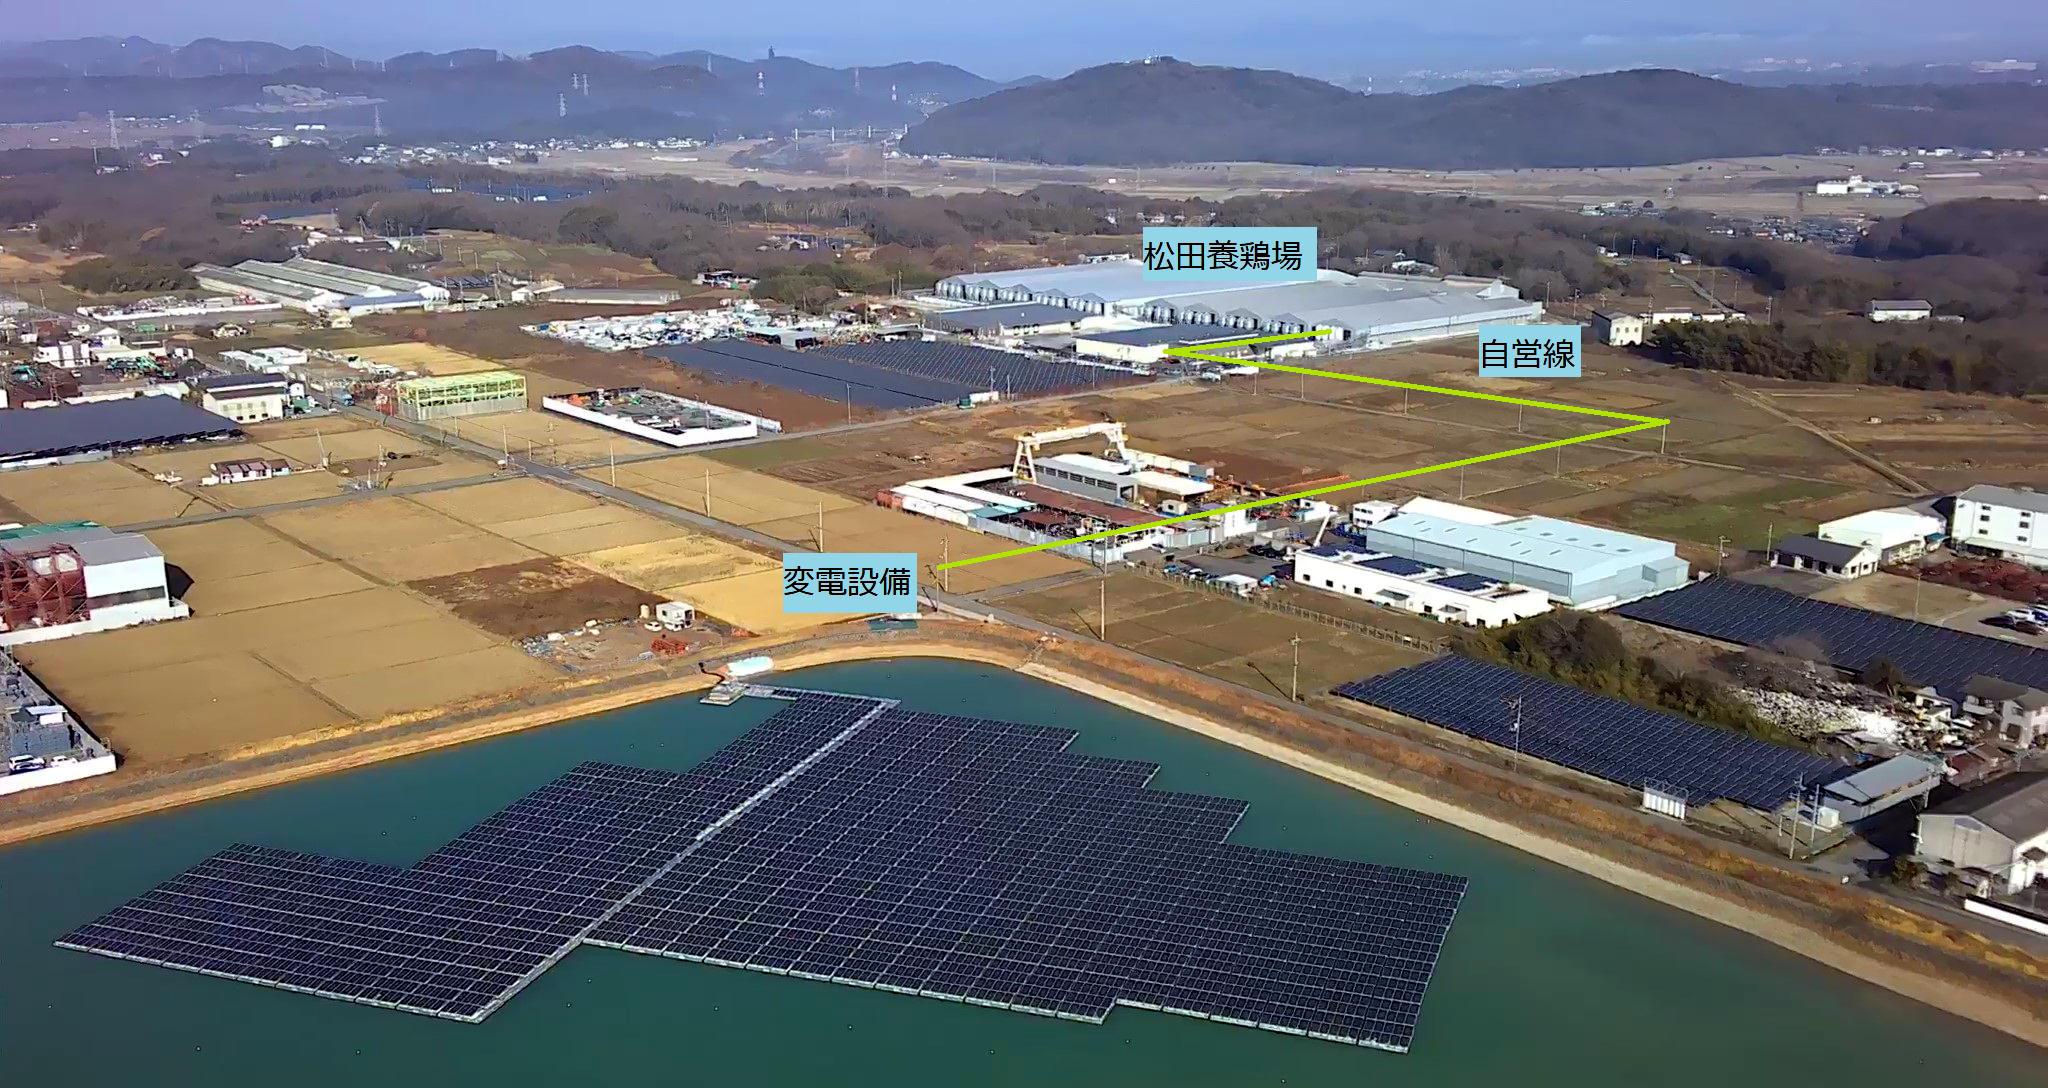 松田養鶏場 と発電所 !cid_ii_kl7a1jxx3.jpg